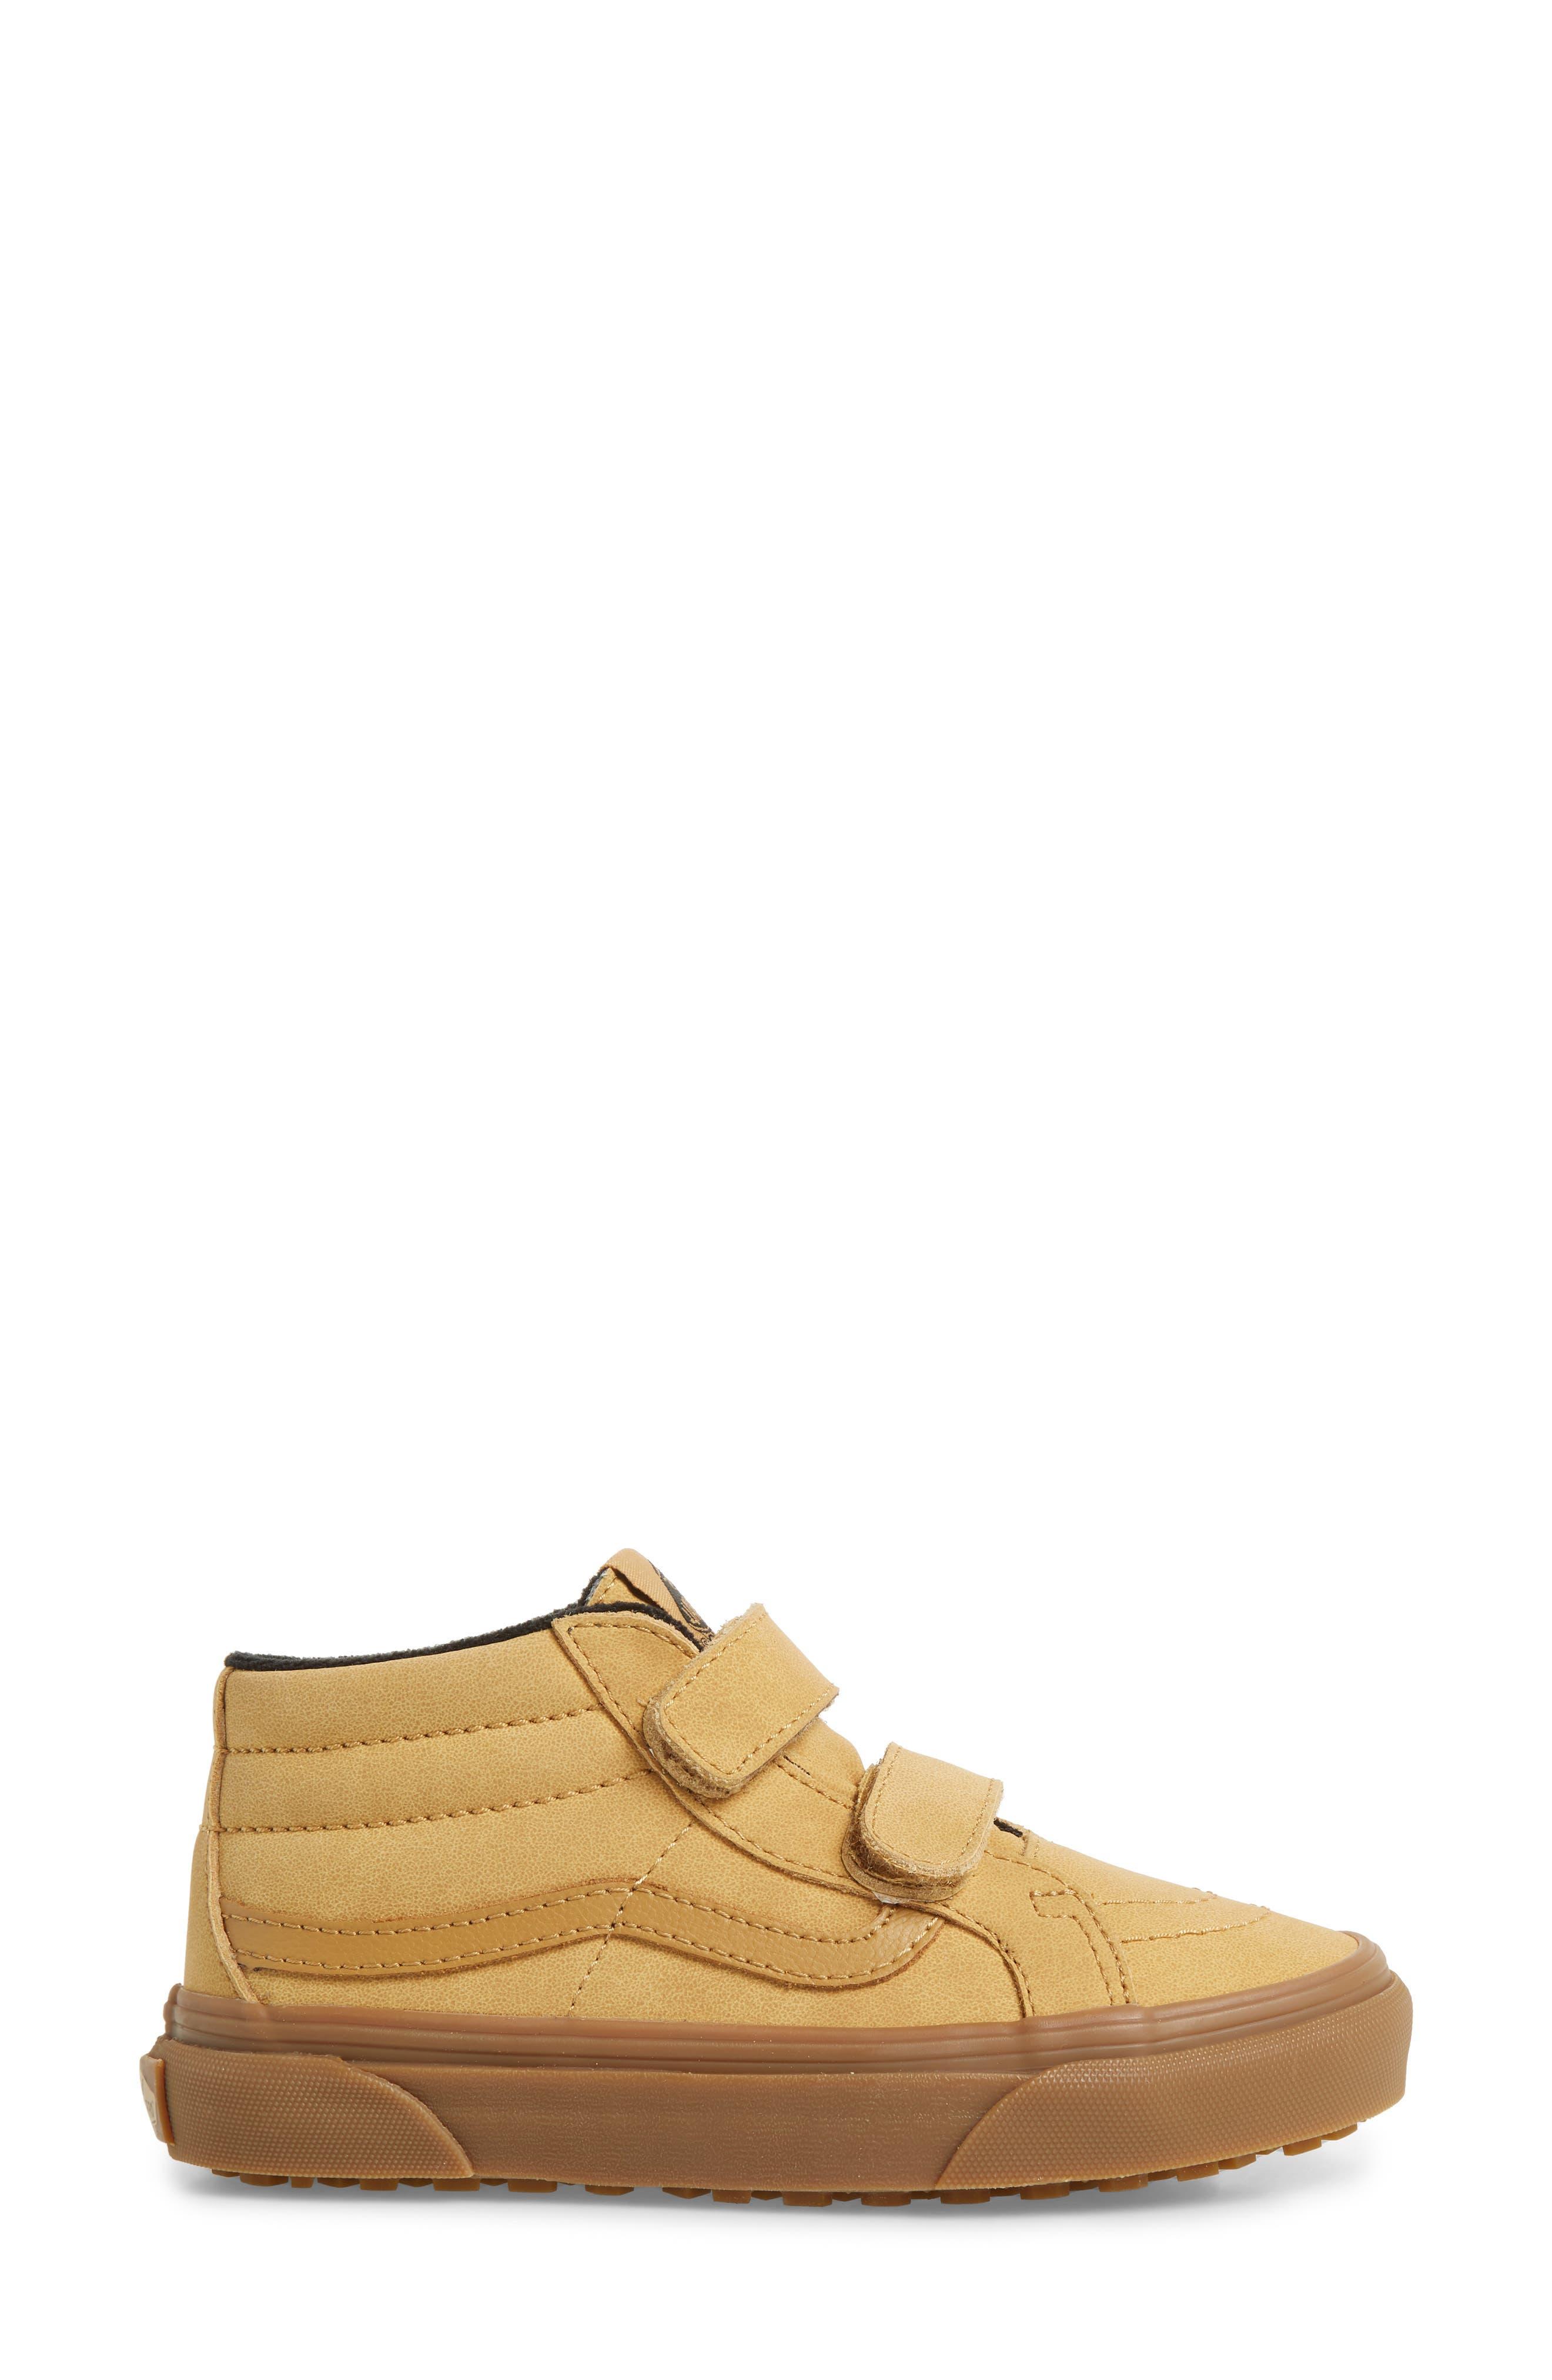 Sk8-Mid Reissue V Sneaker,                             Alternate thumbnail 3, color,                             VANSBUCK/ APPLE CINNAMON